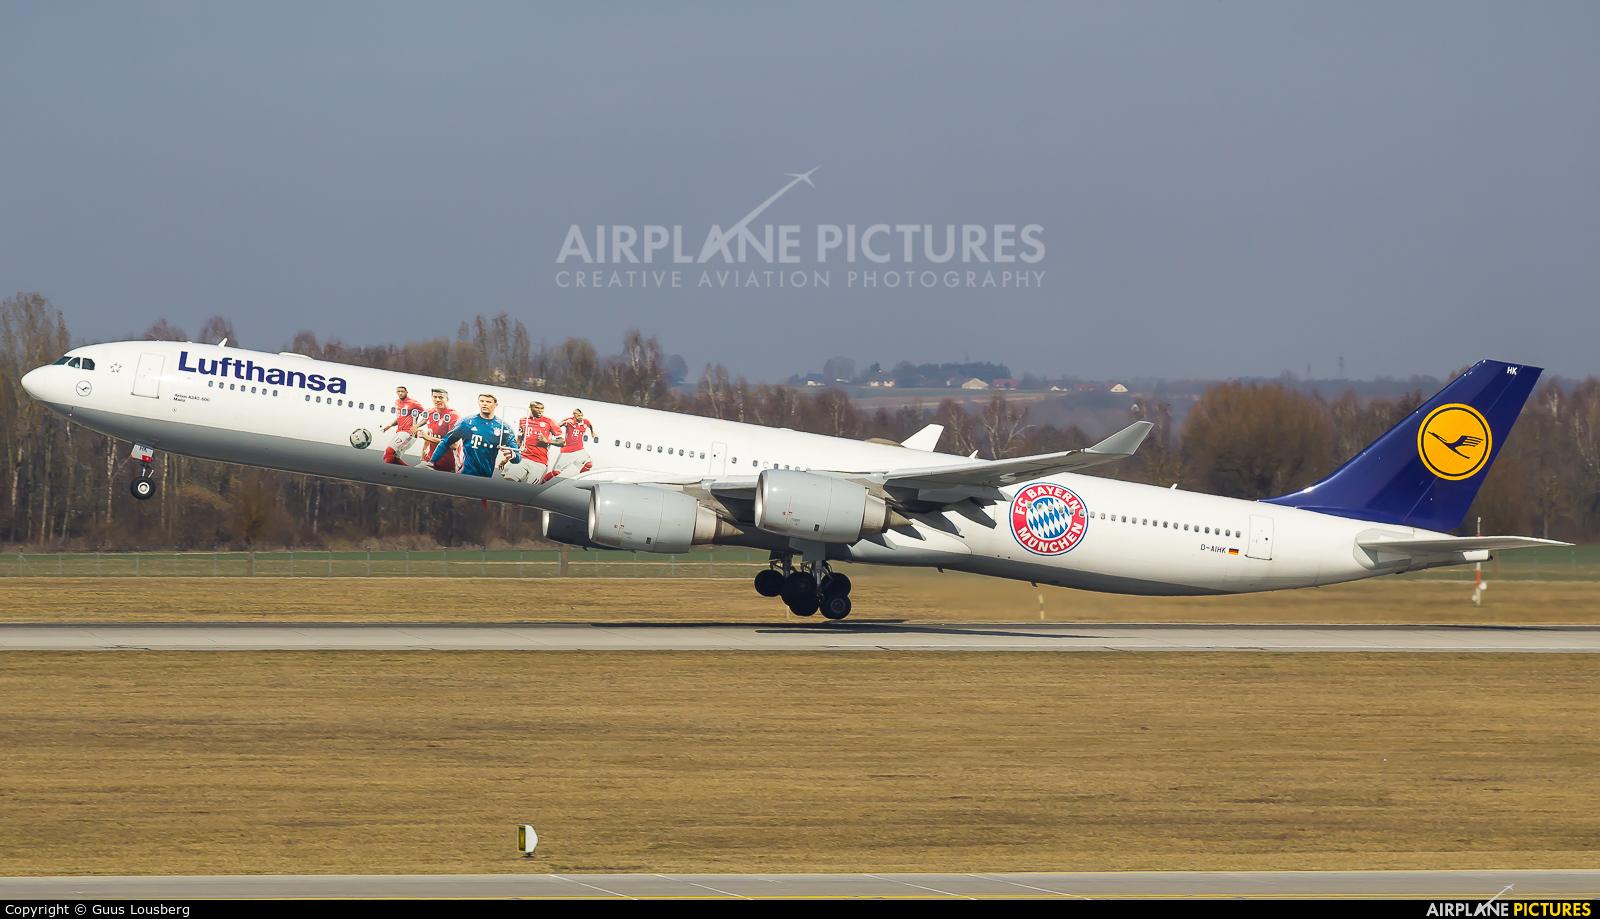 Lufthansa D-AIHK aircraft at Munich